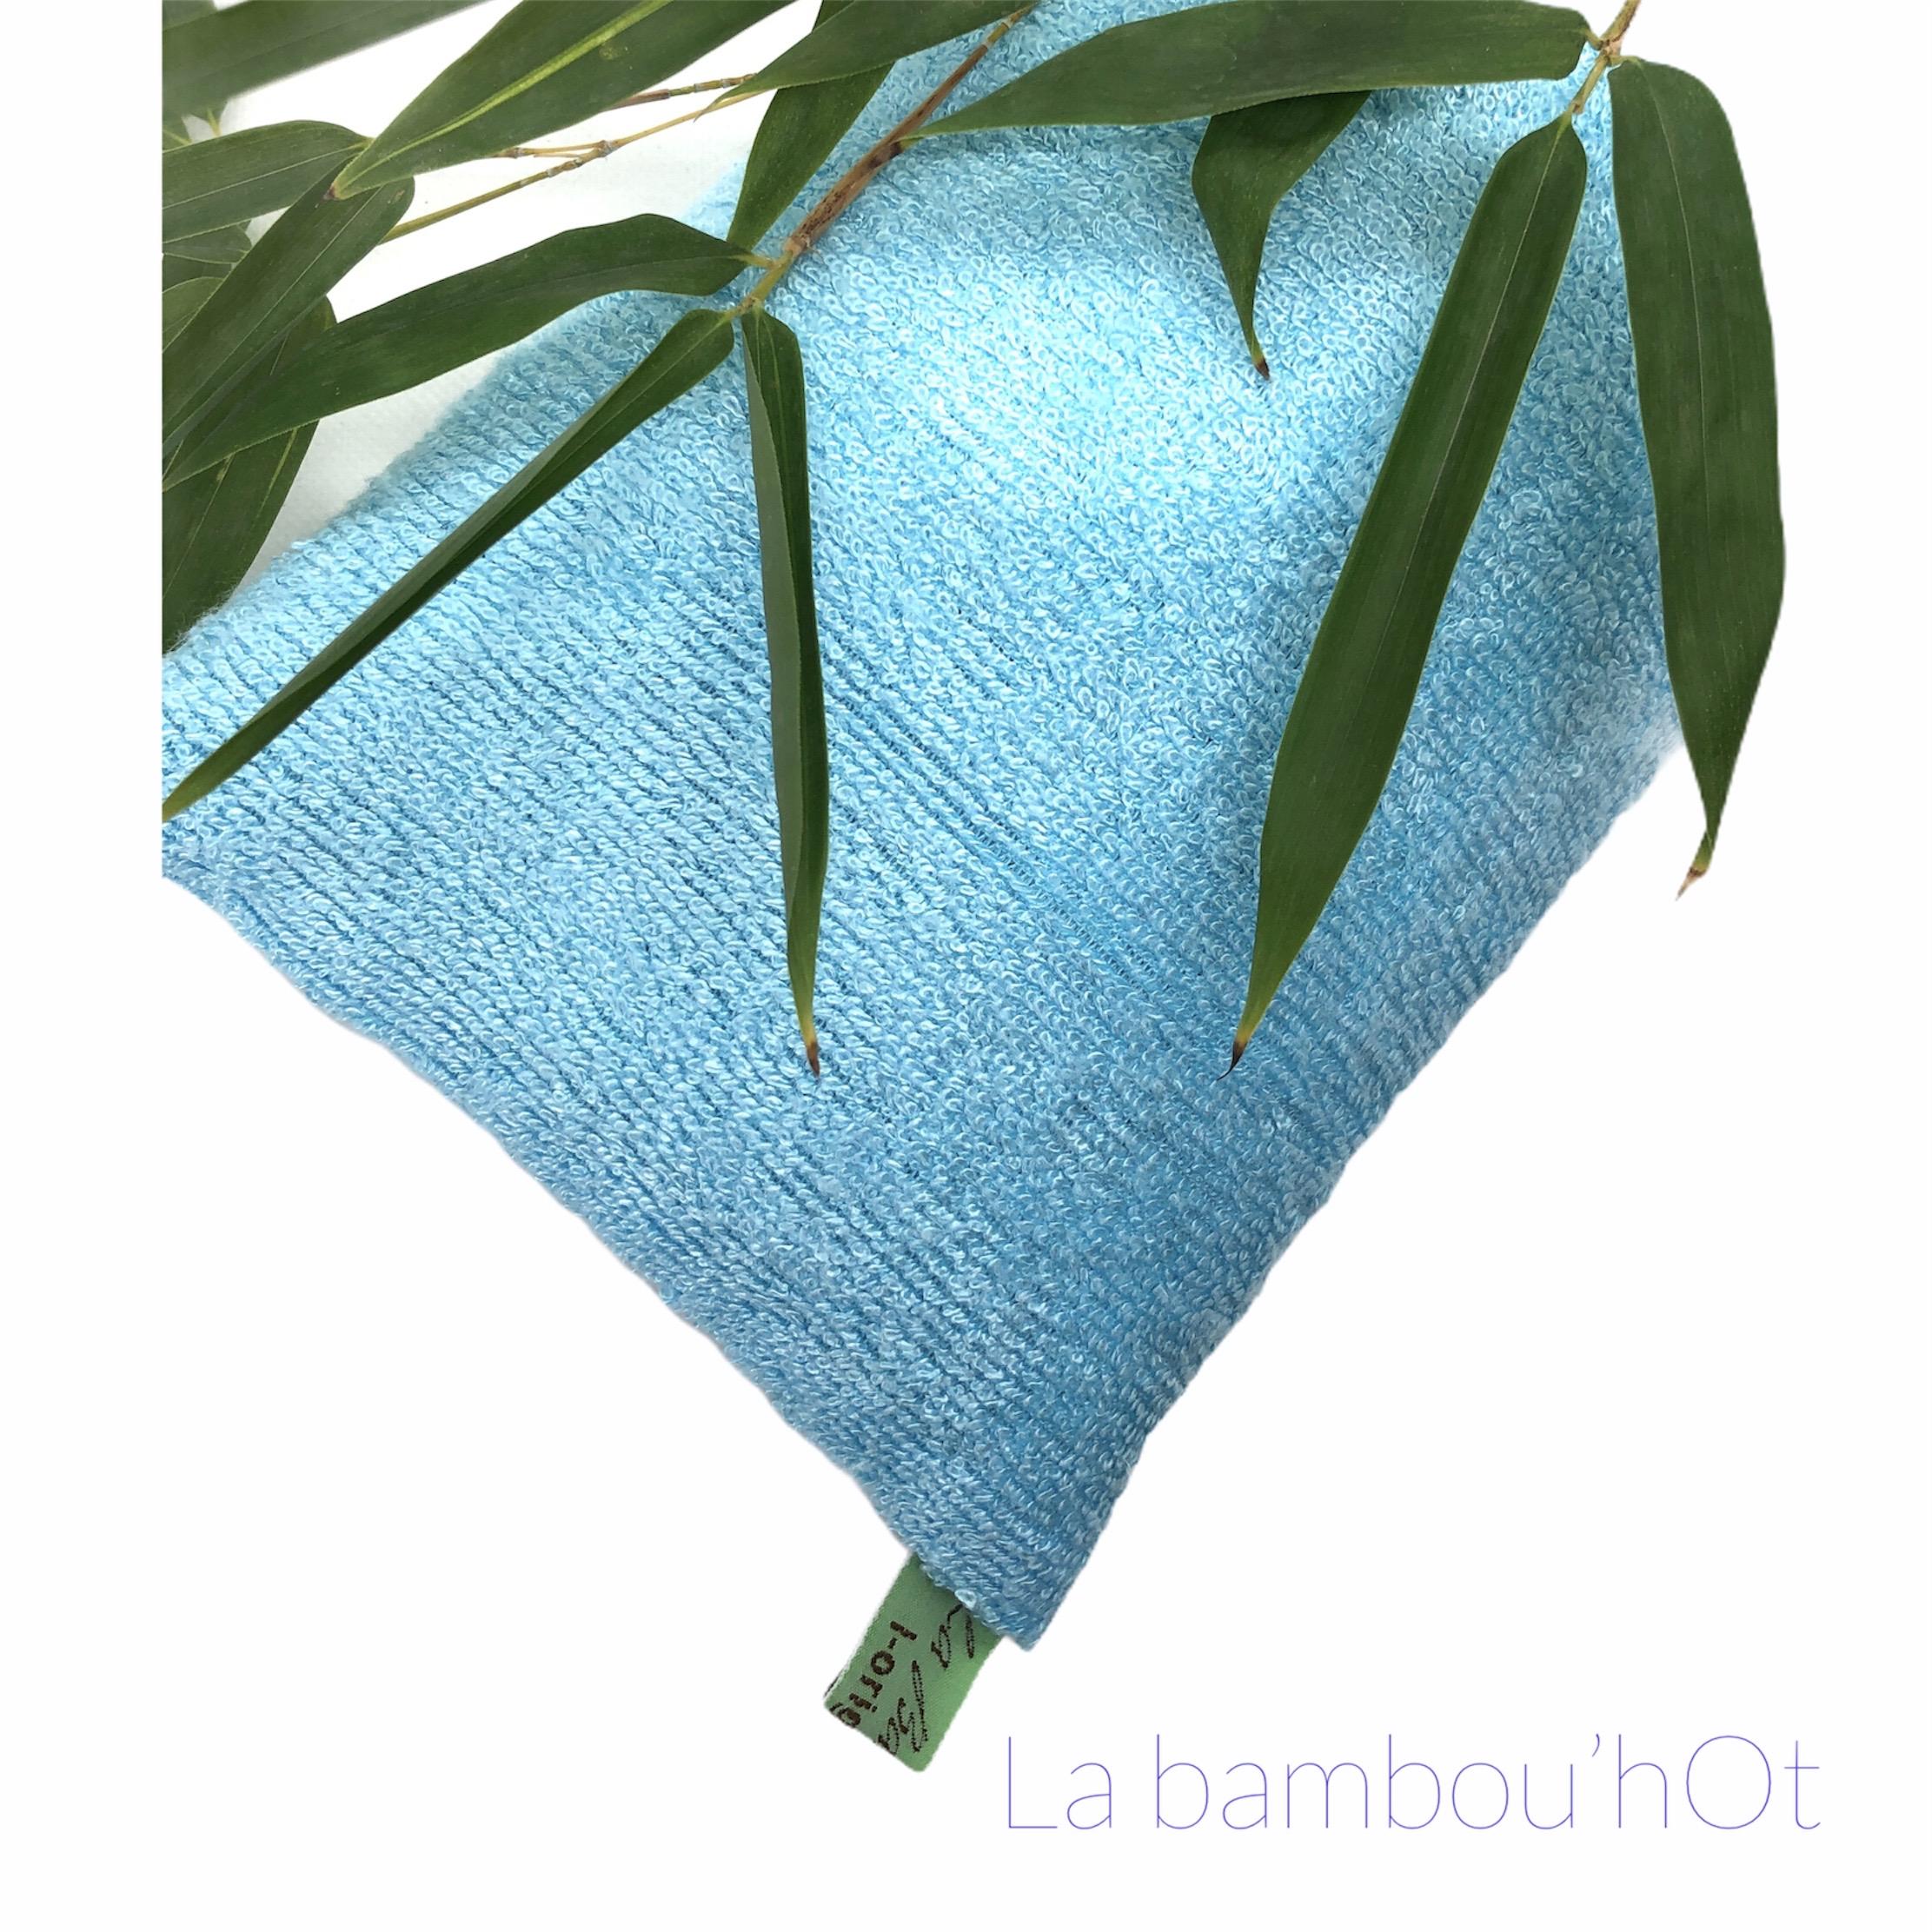 Bambou\'Hot Bleue